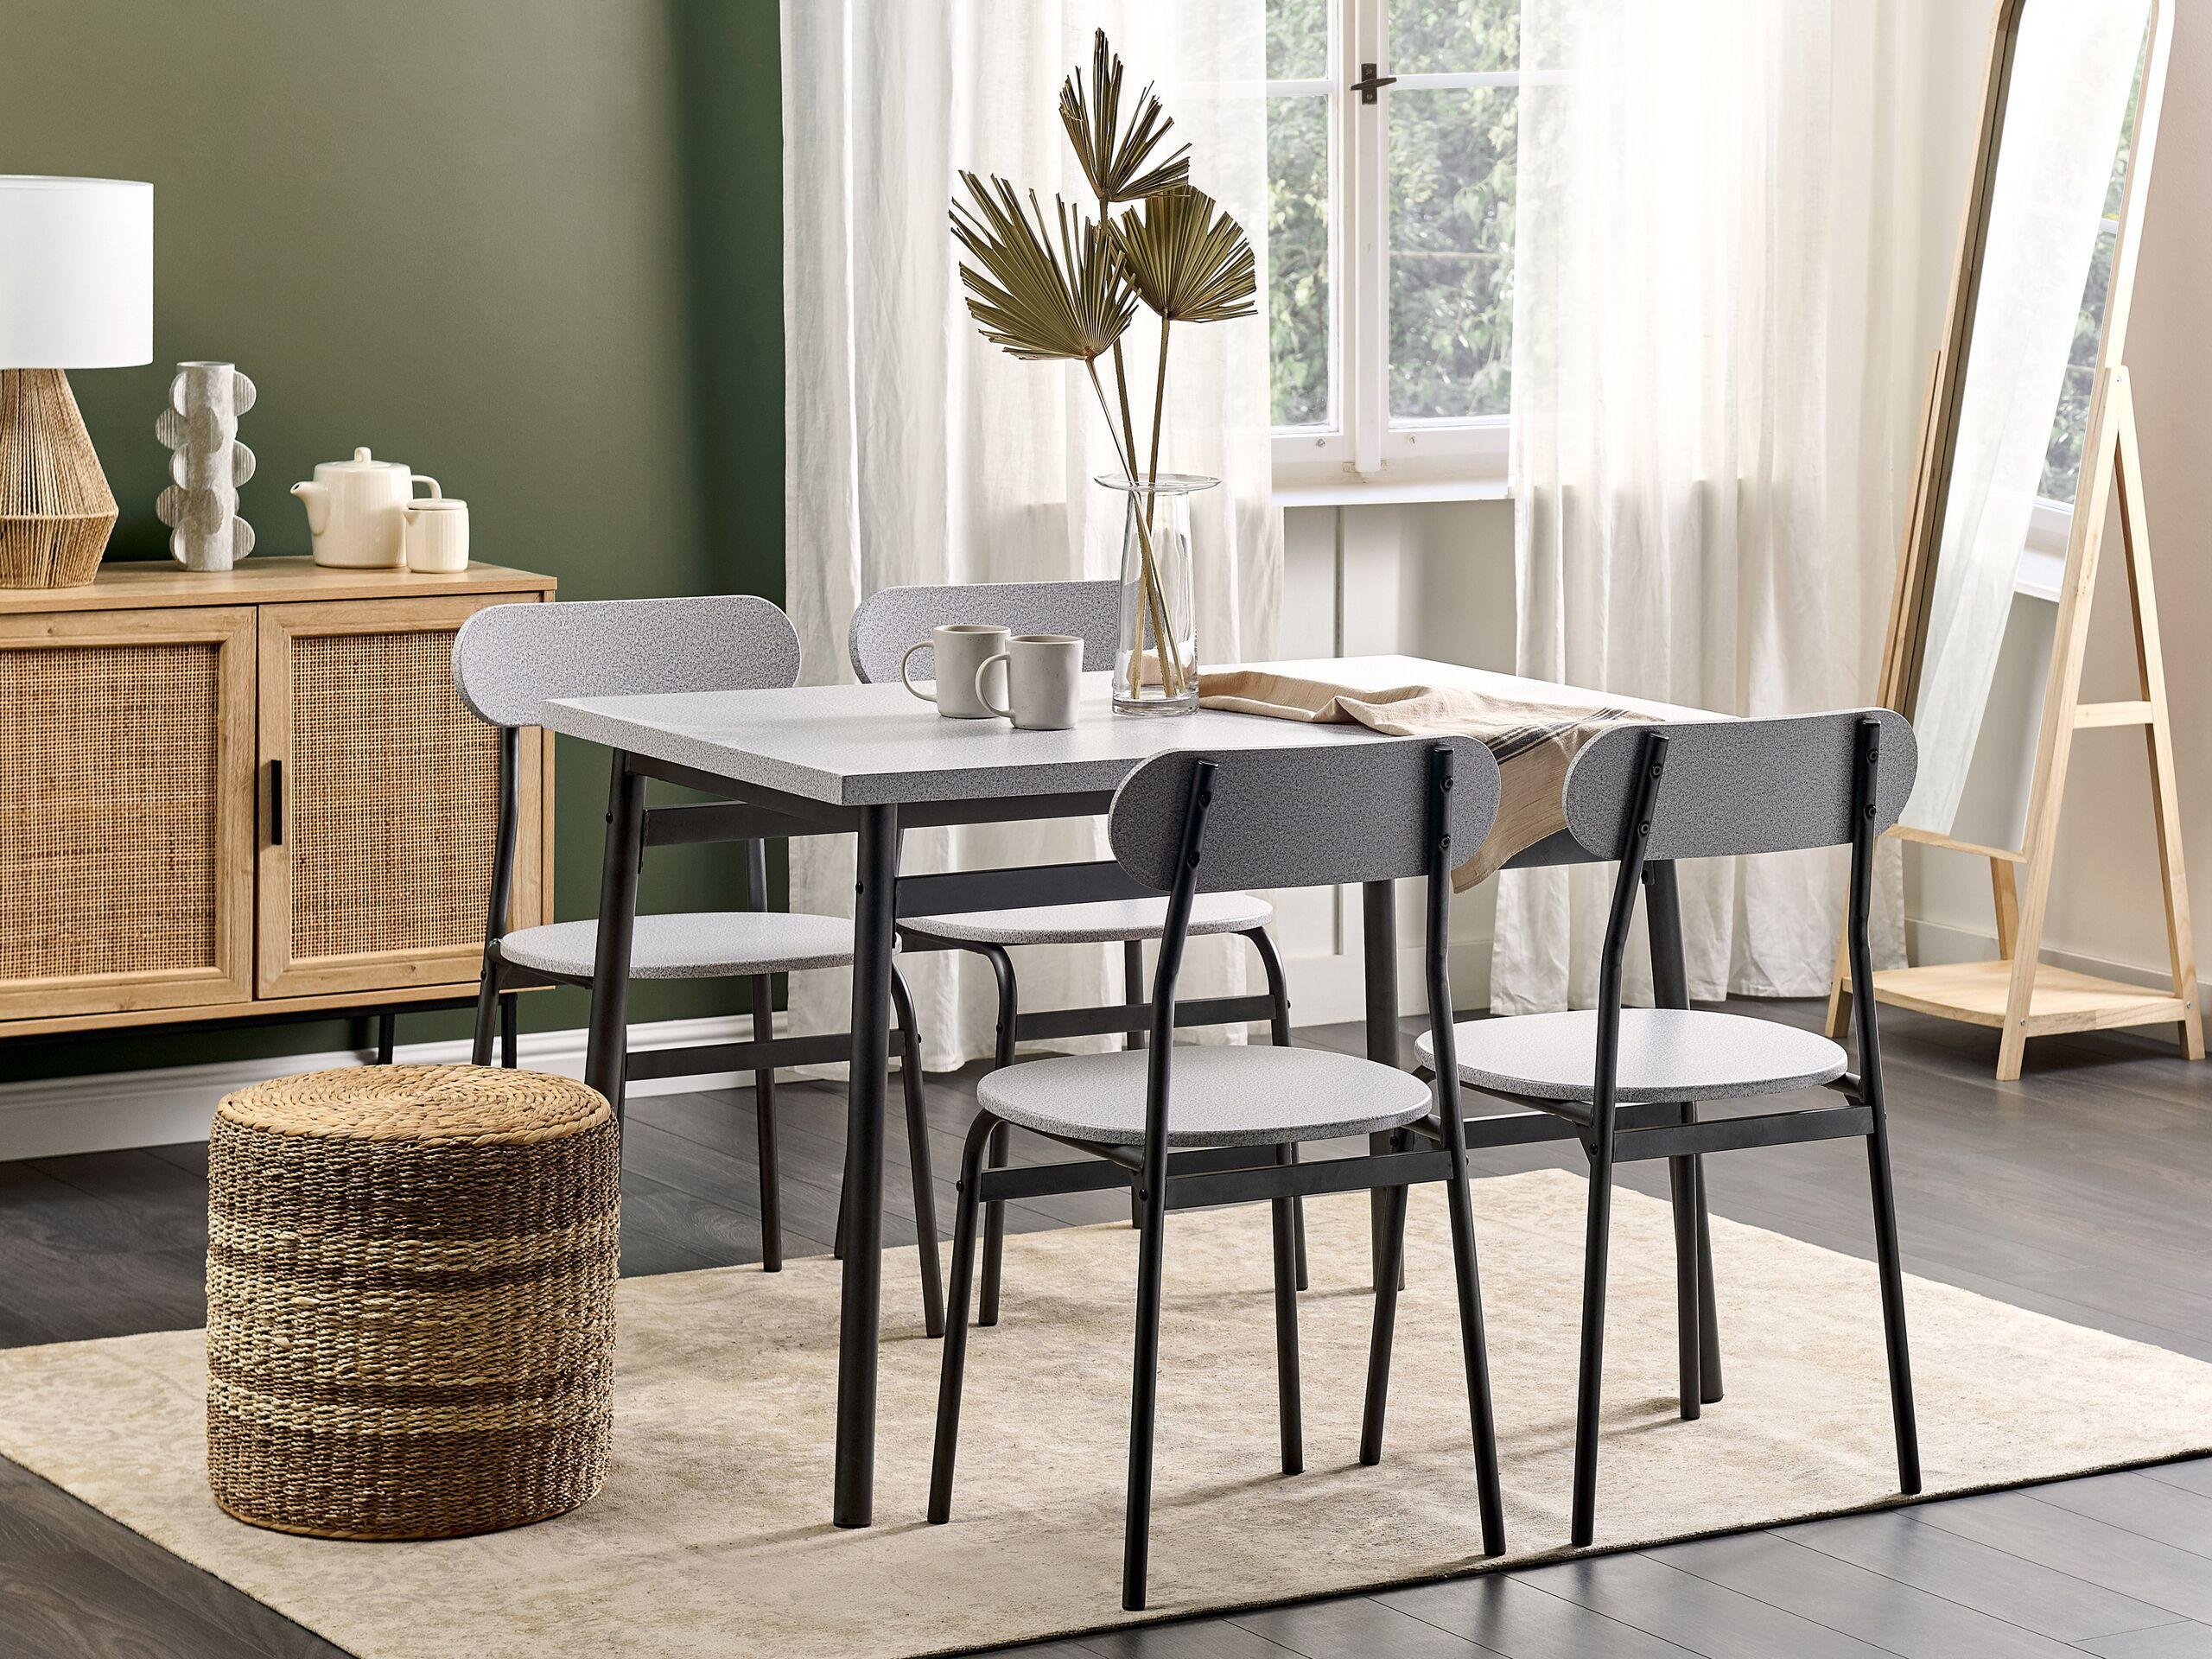 beliani set da pranzo in acciaio grigio e nero piano mdf effetto legno 4 sedie